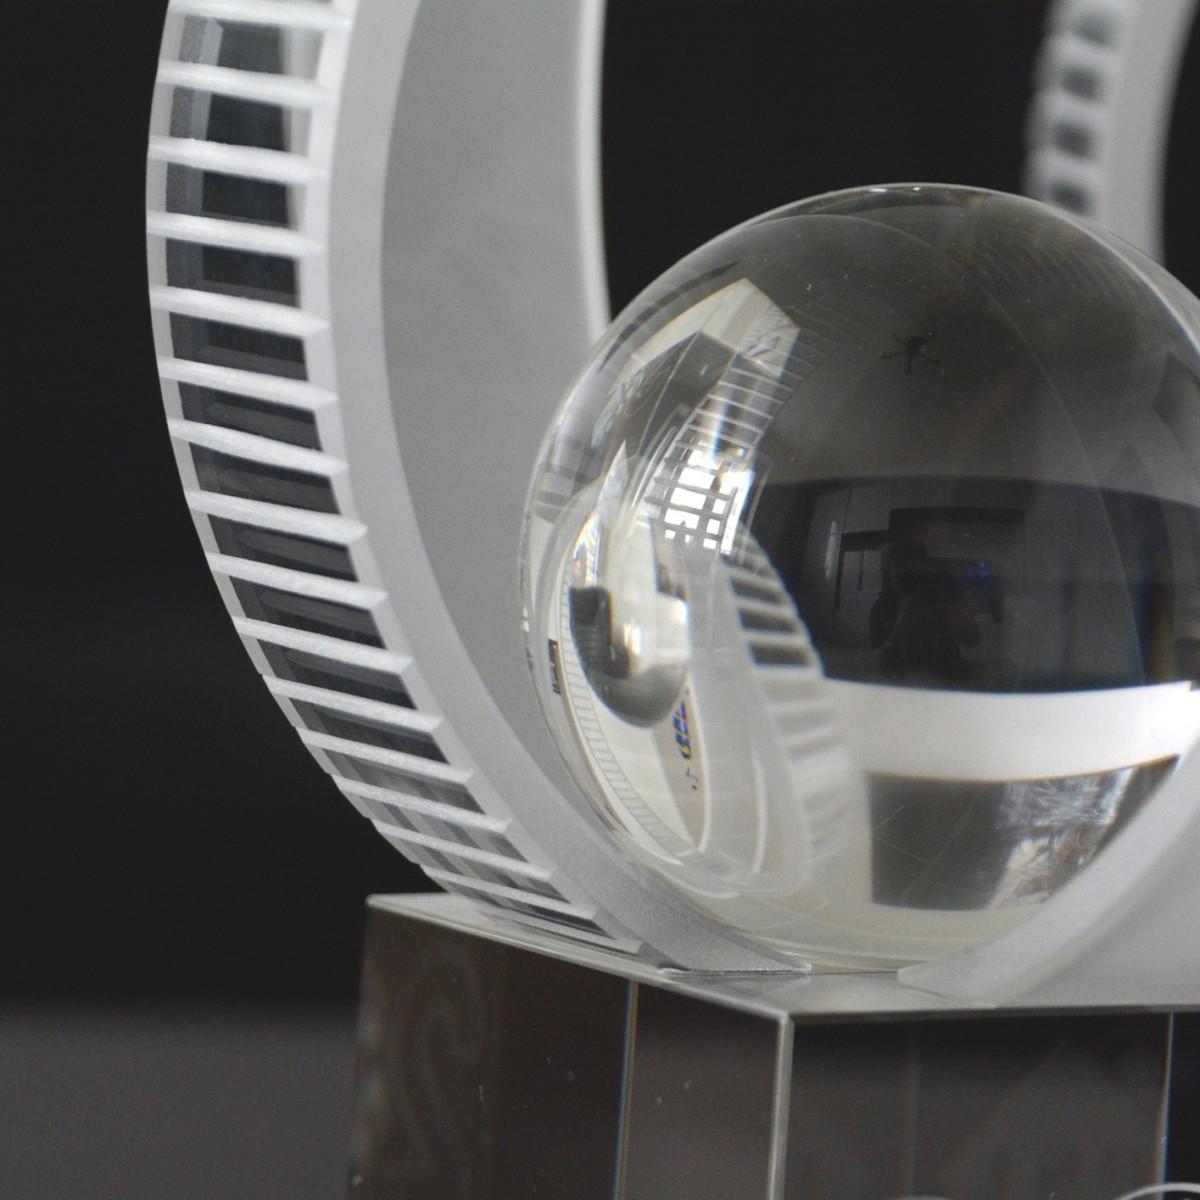 Ocenenie k 20. výročiu firmy PSL 7ed9440230e